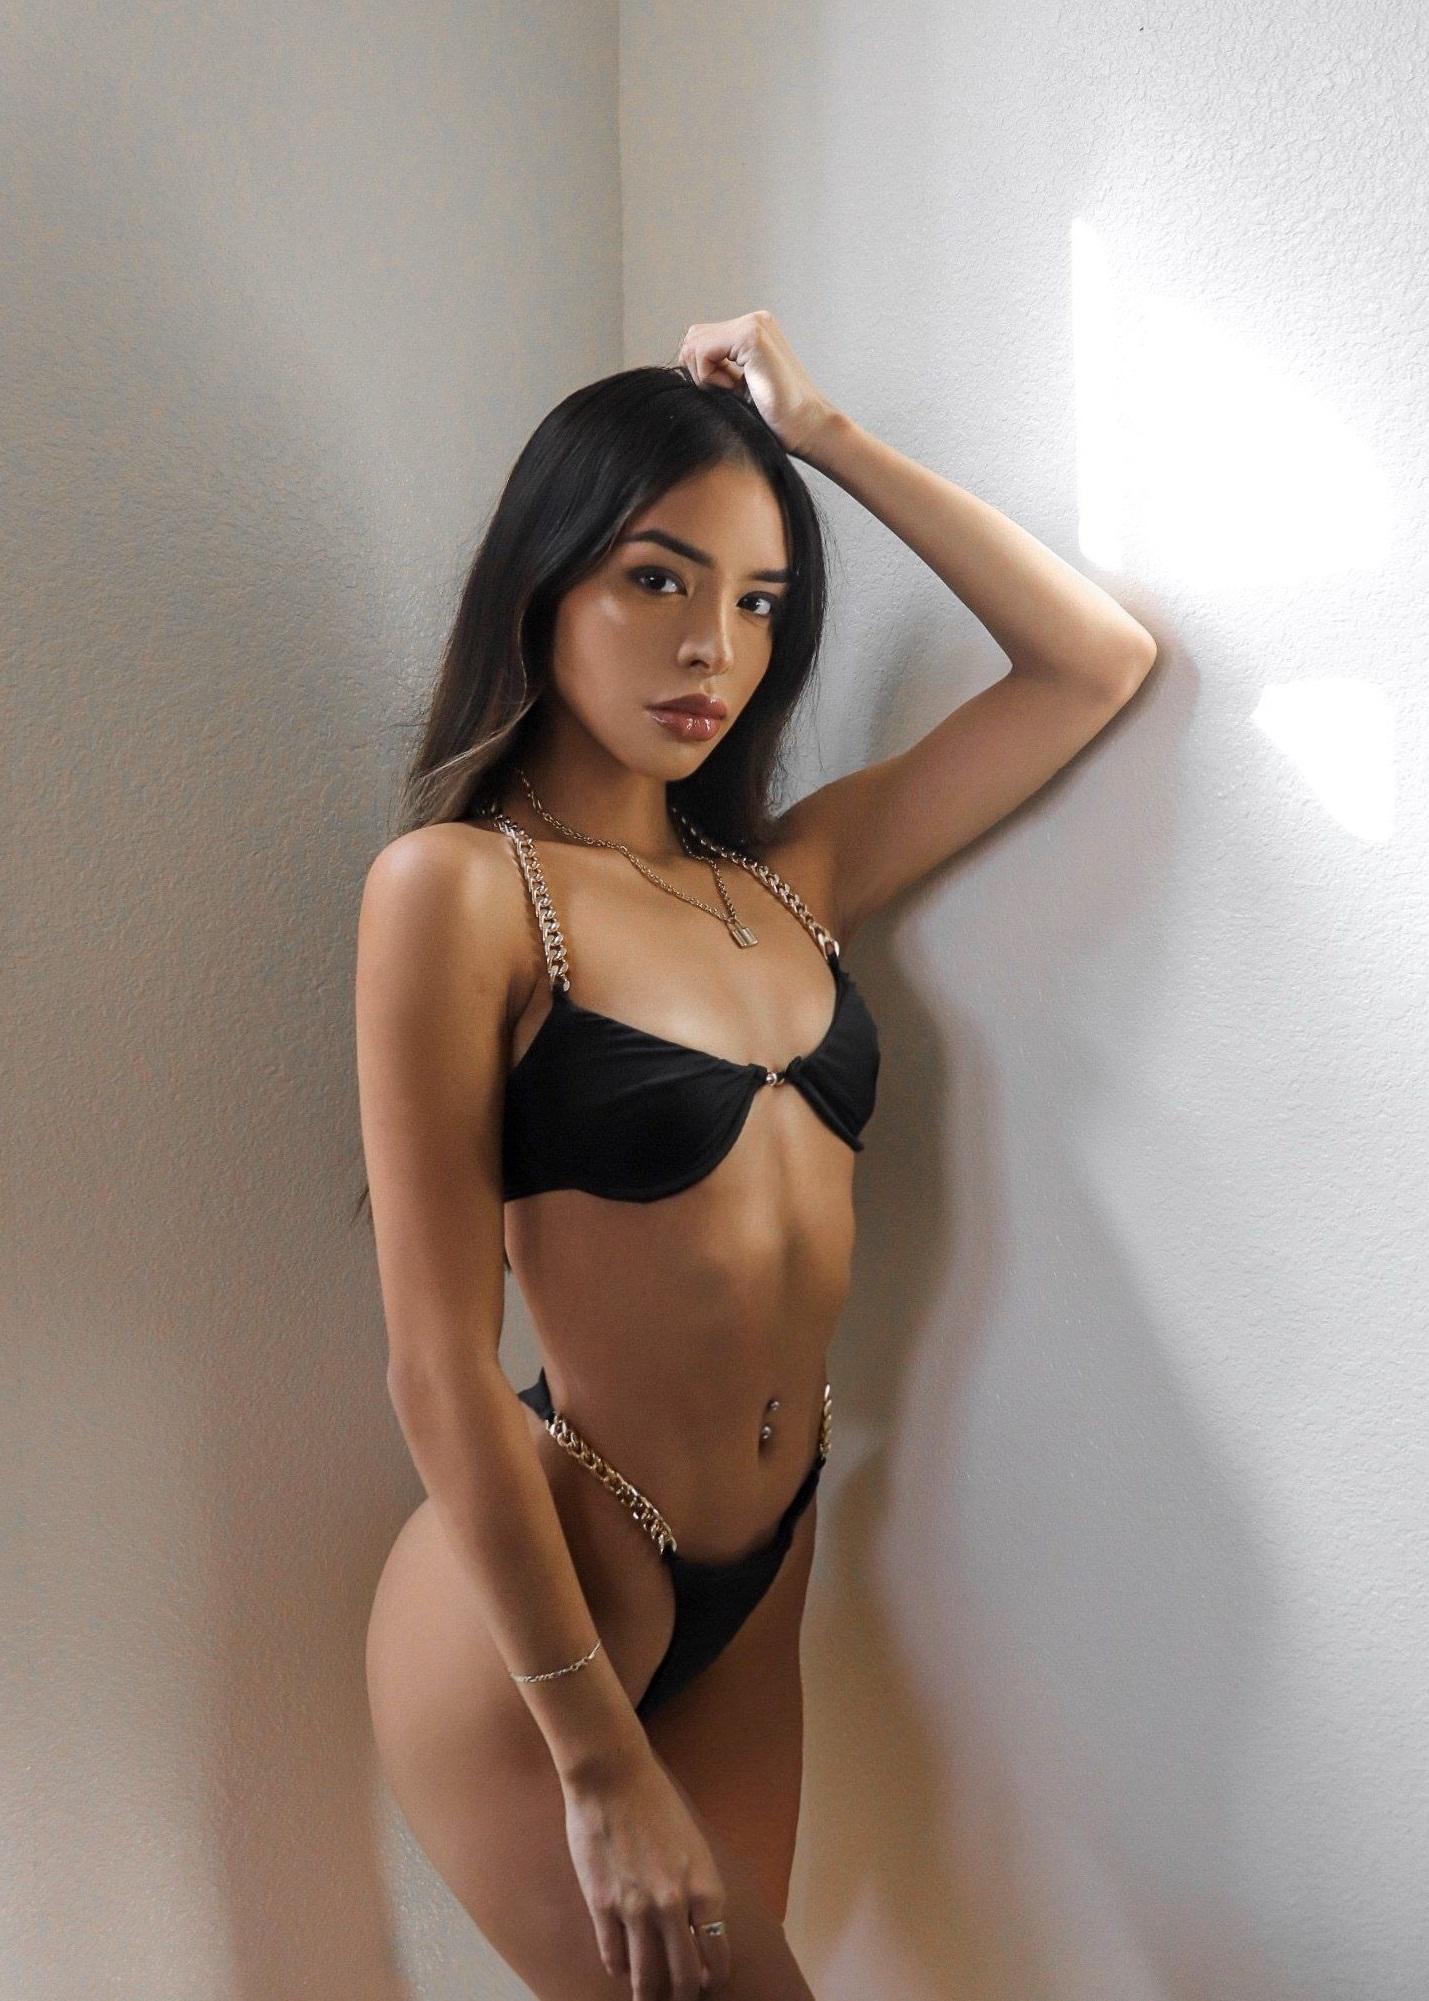 Suculento cuerpo de Angelina fotos + nudes 1